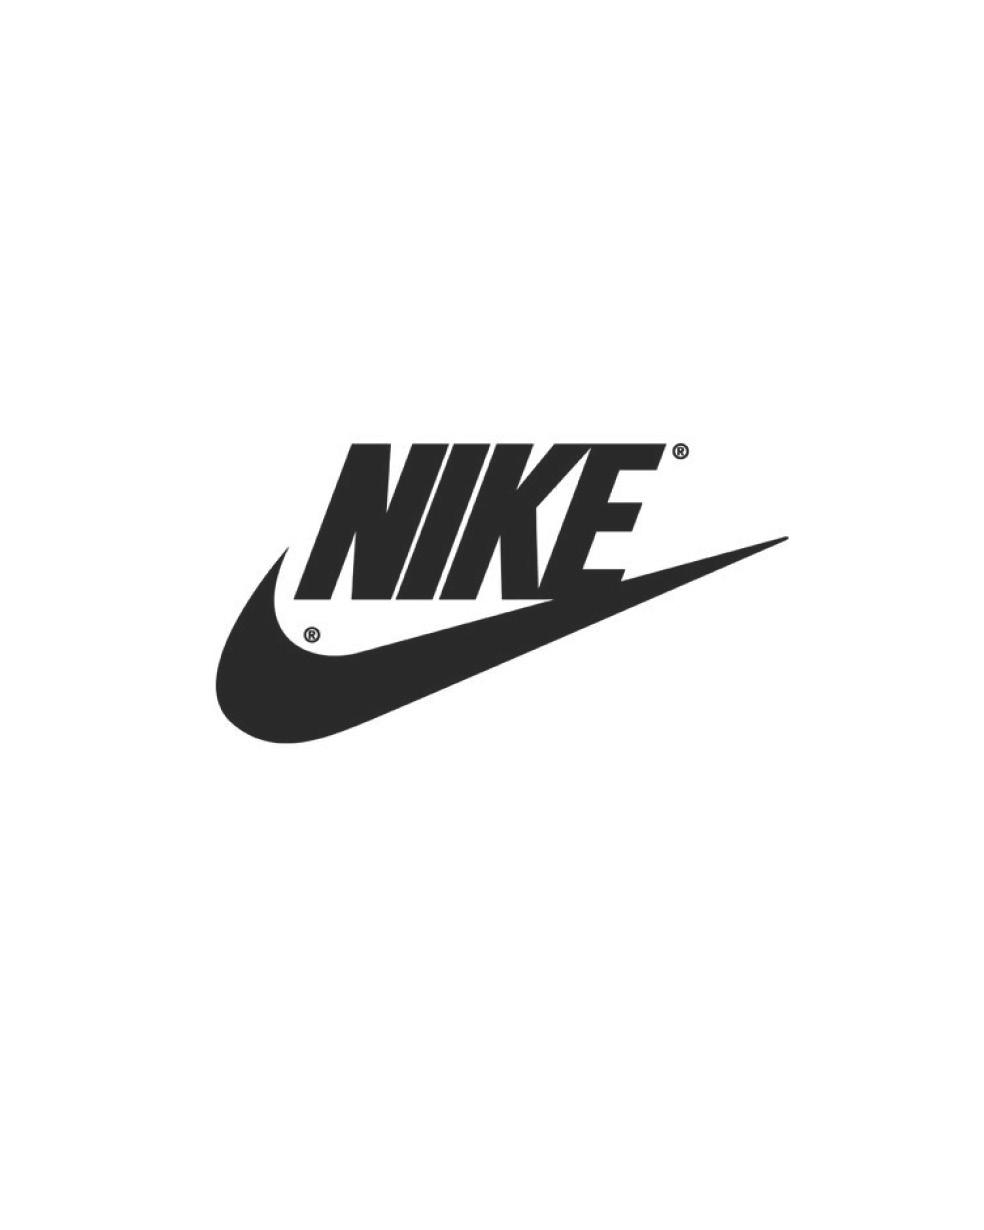 Promo Logos - Nike.jpg